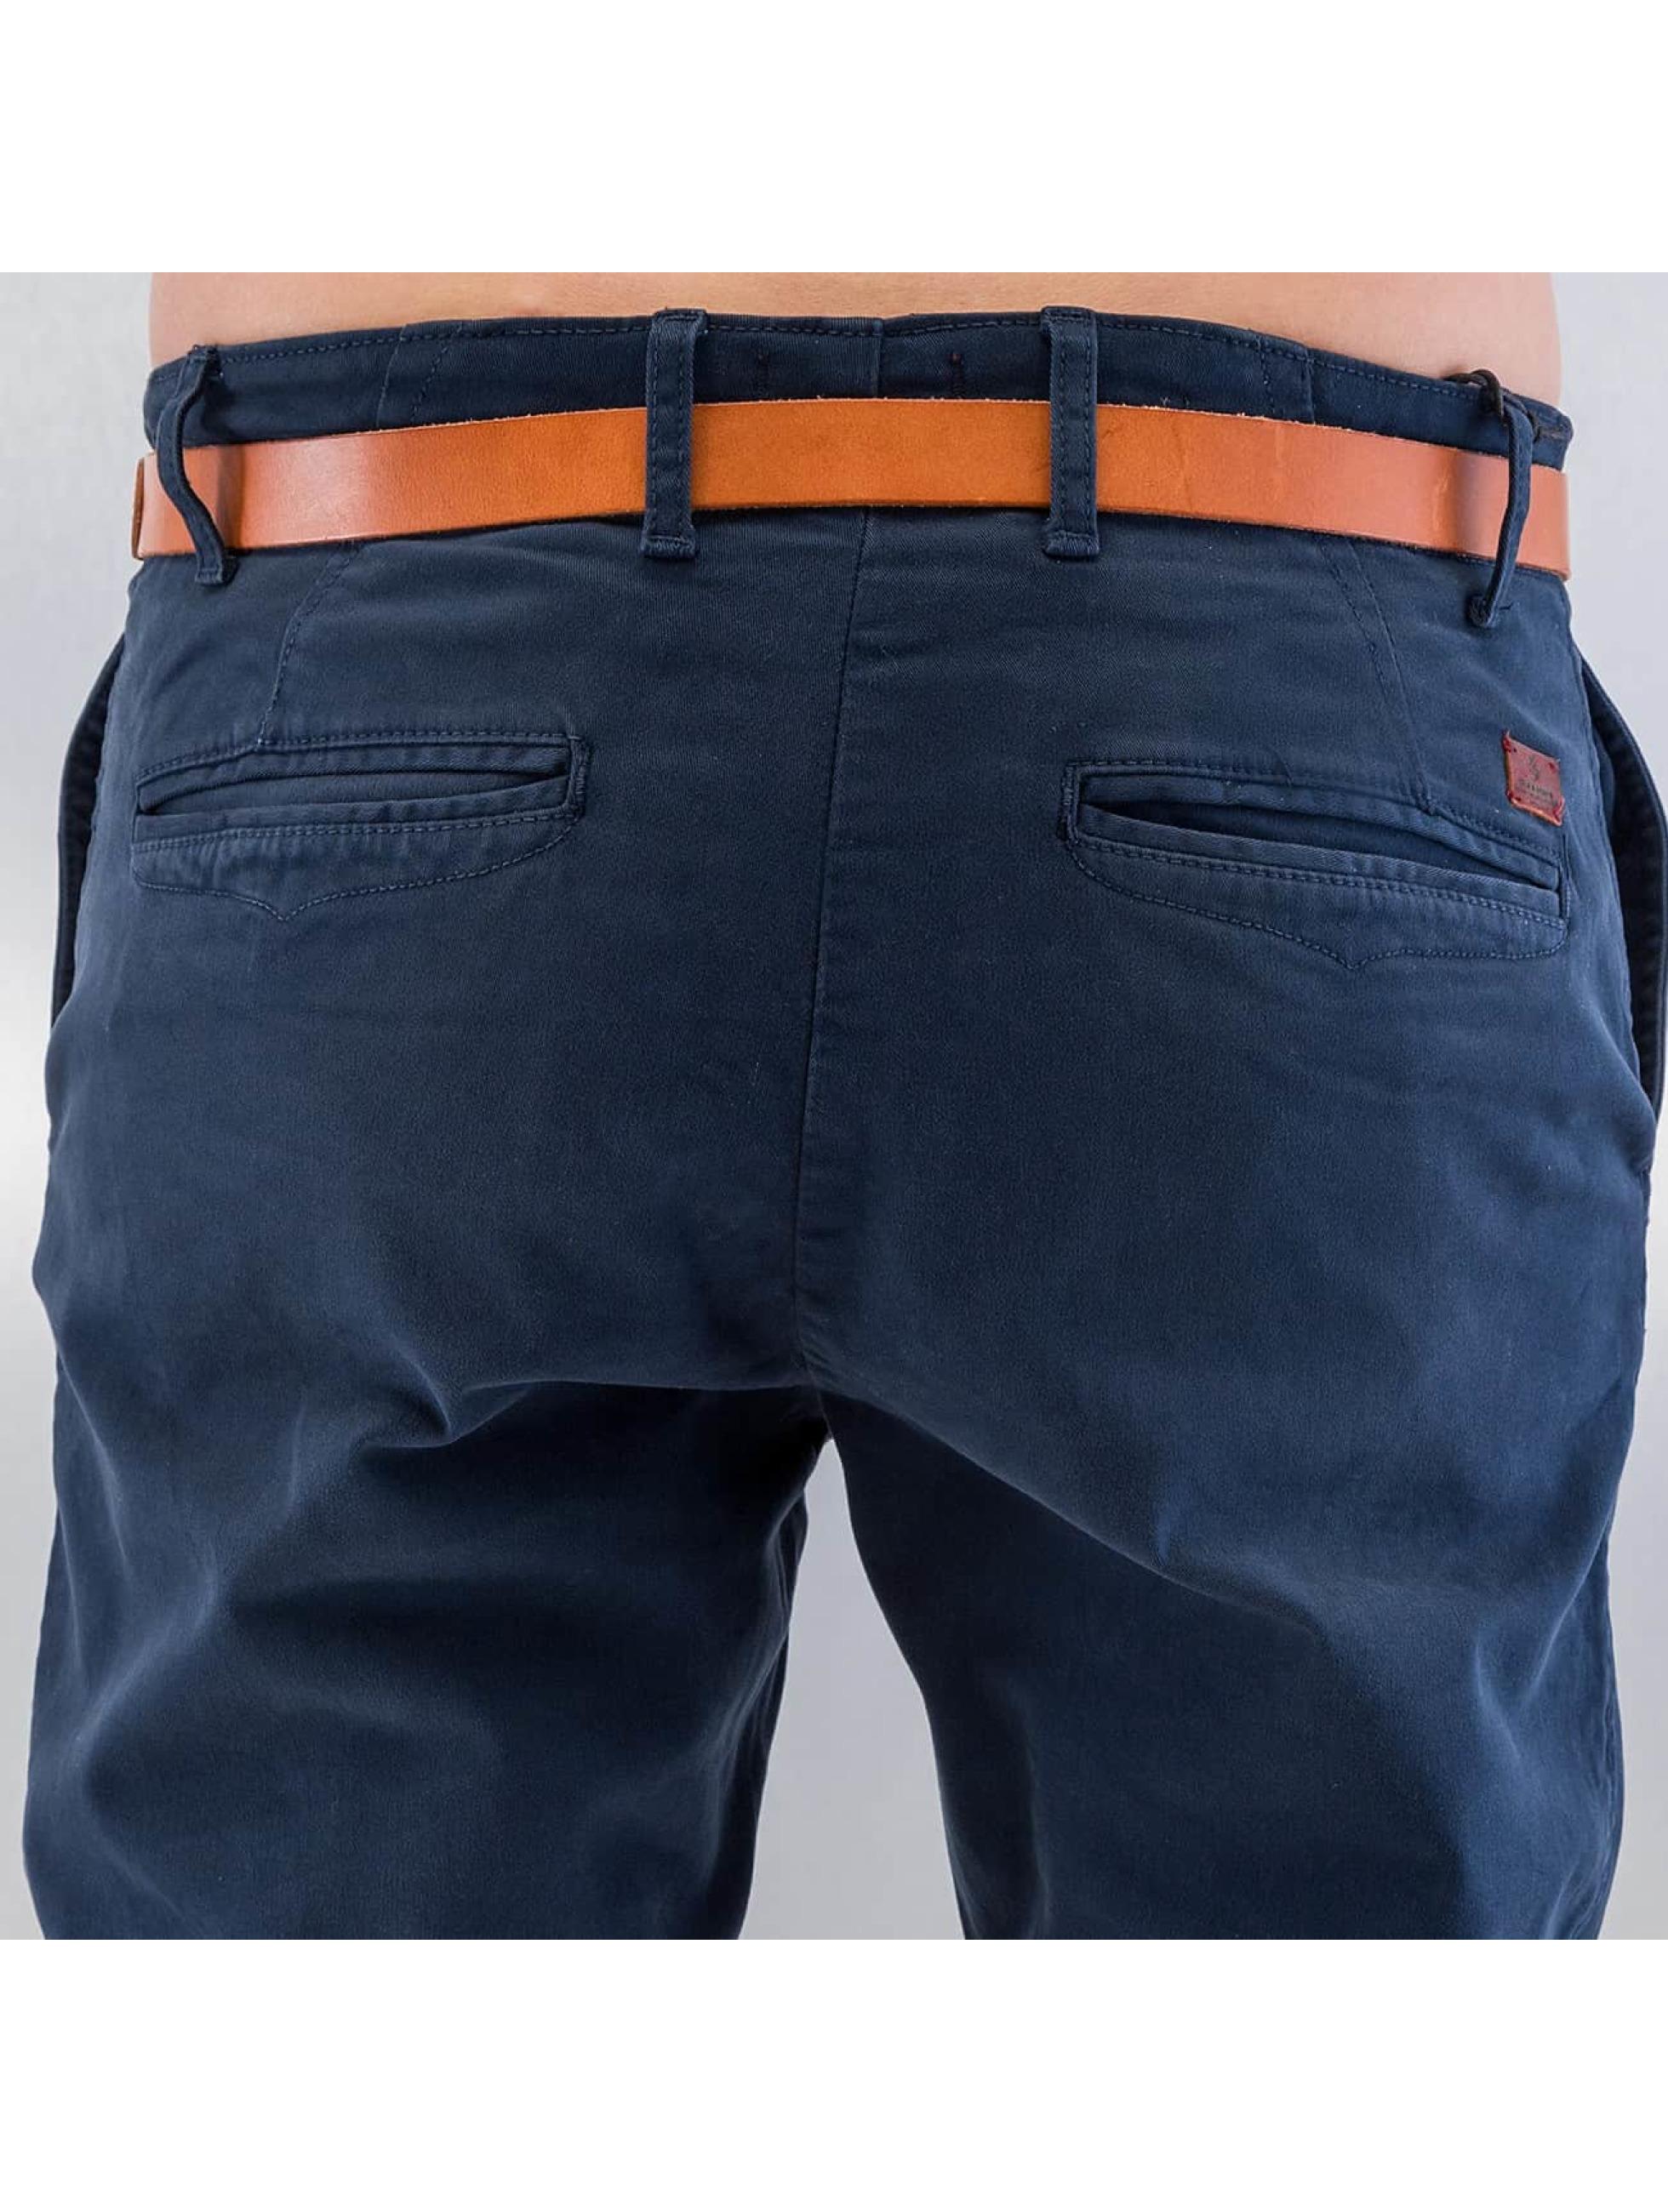 Jack & Jones Pantalon chino jjiCody jjLorenzo bleu